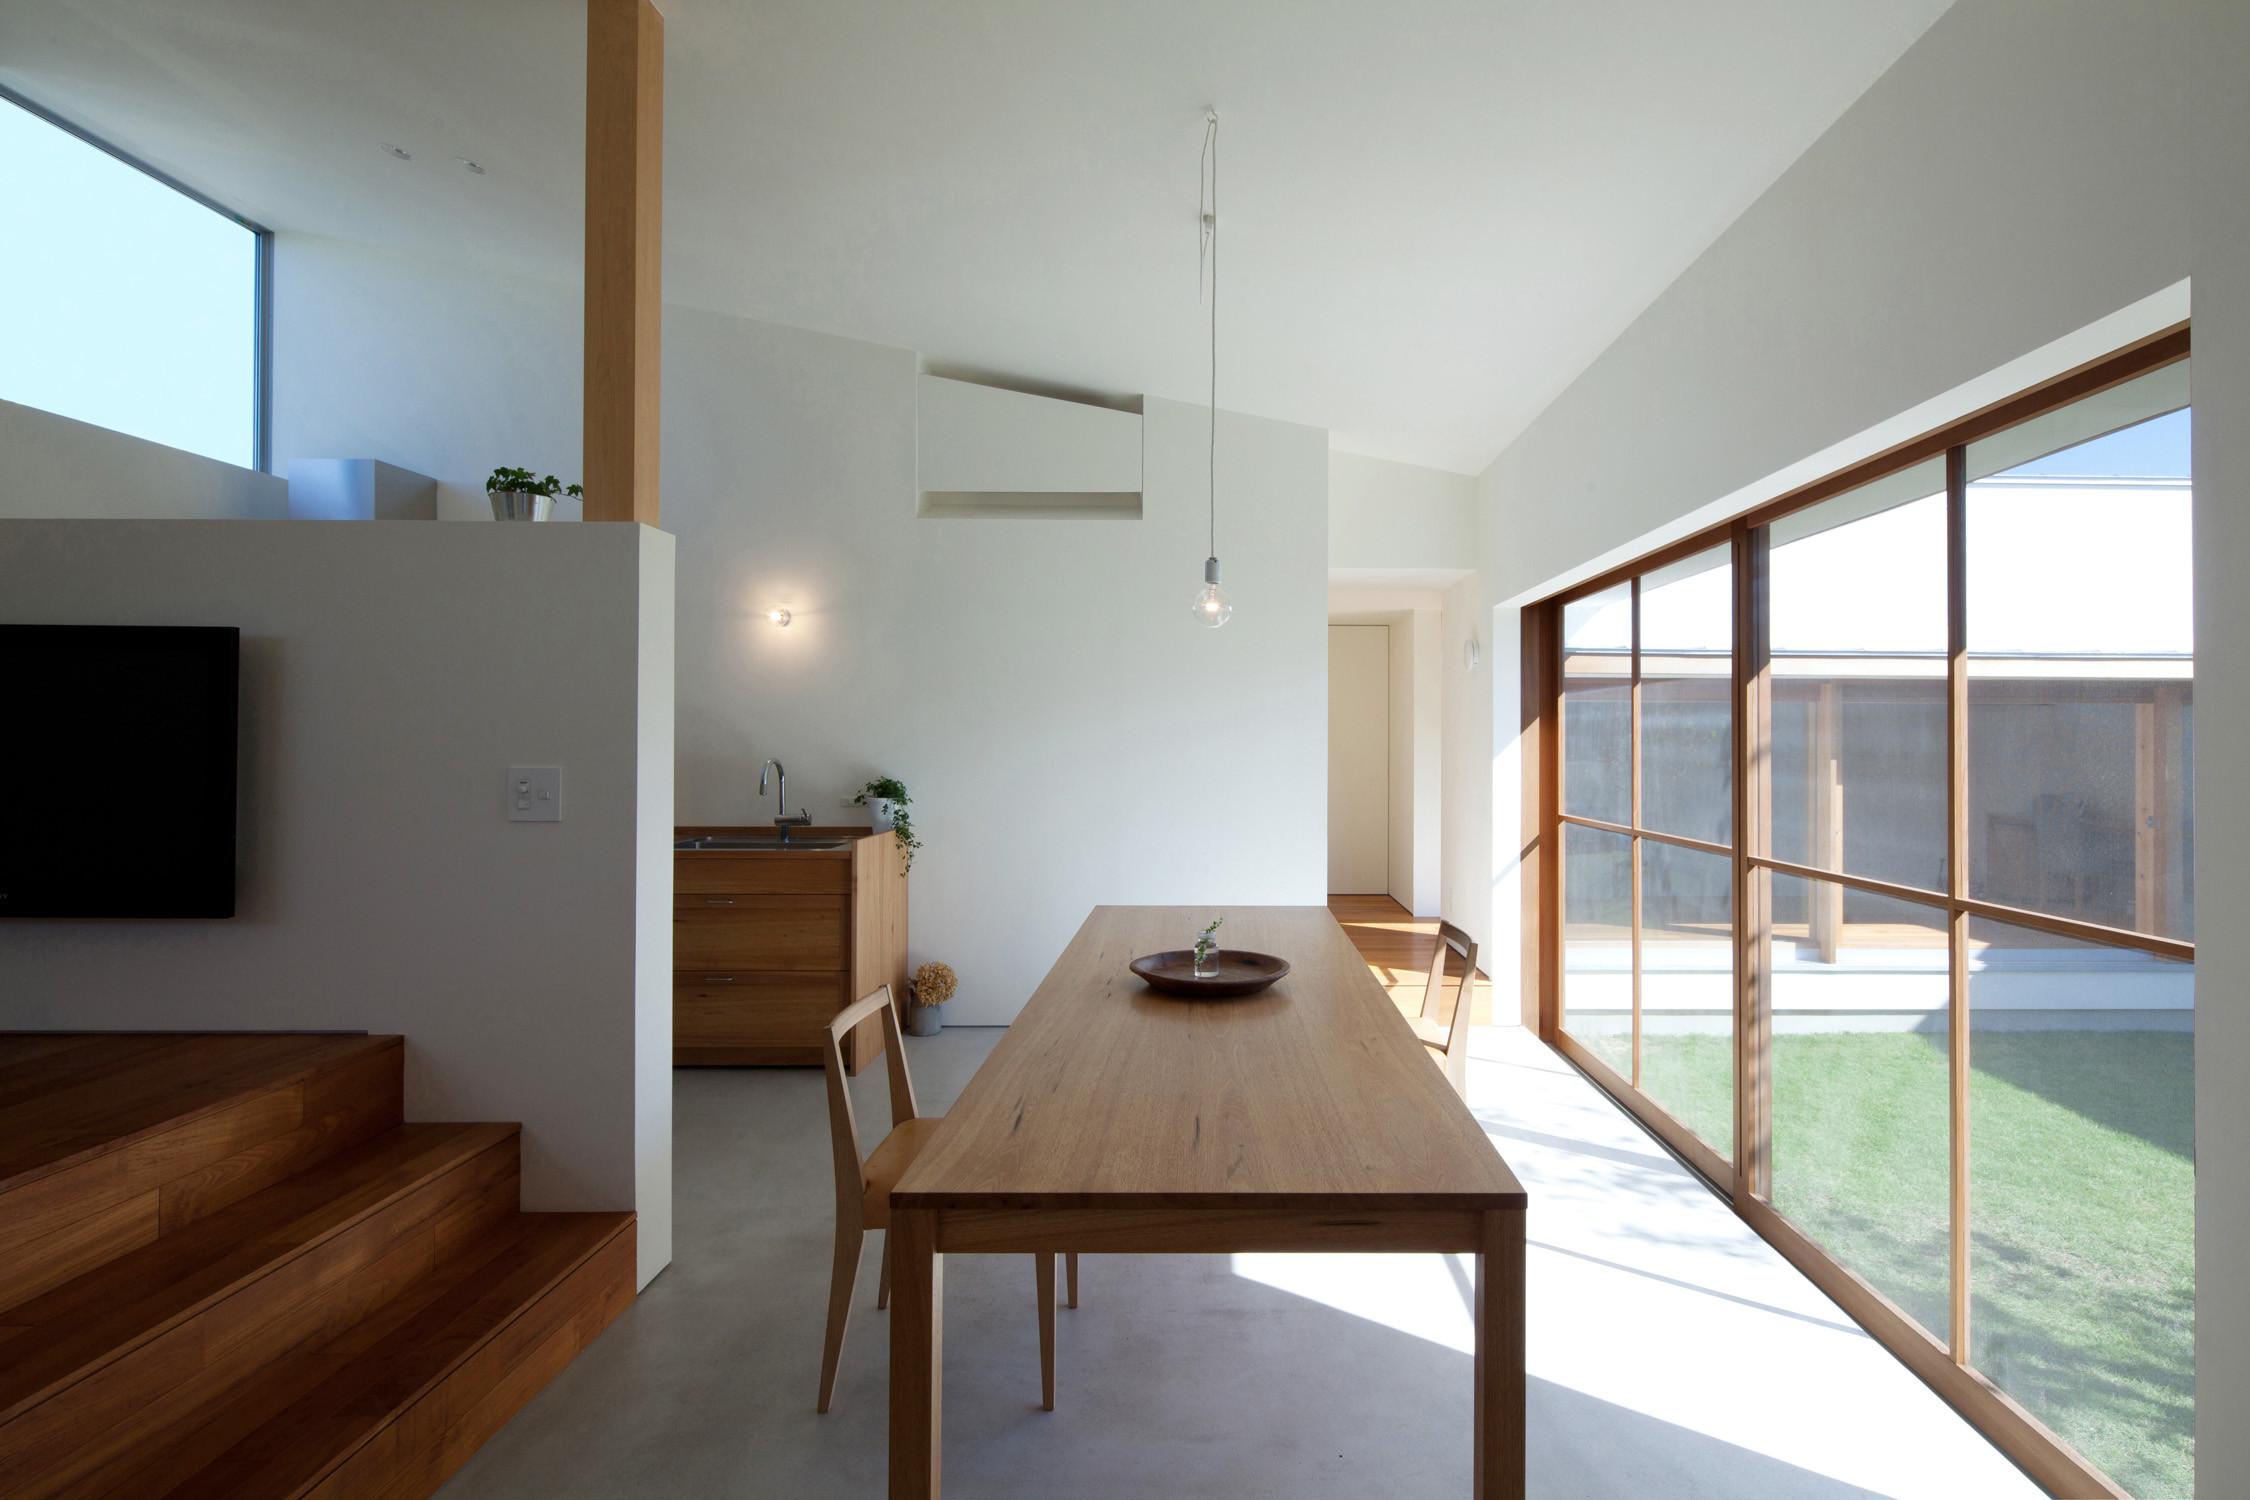 モルタル仕上げの食堂、台所。中心には大きなテーブルを配置。   海東の家/地に近い暮らし 平屋のコートハウス